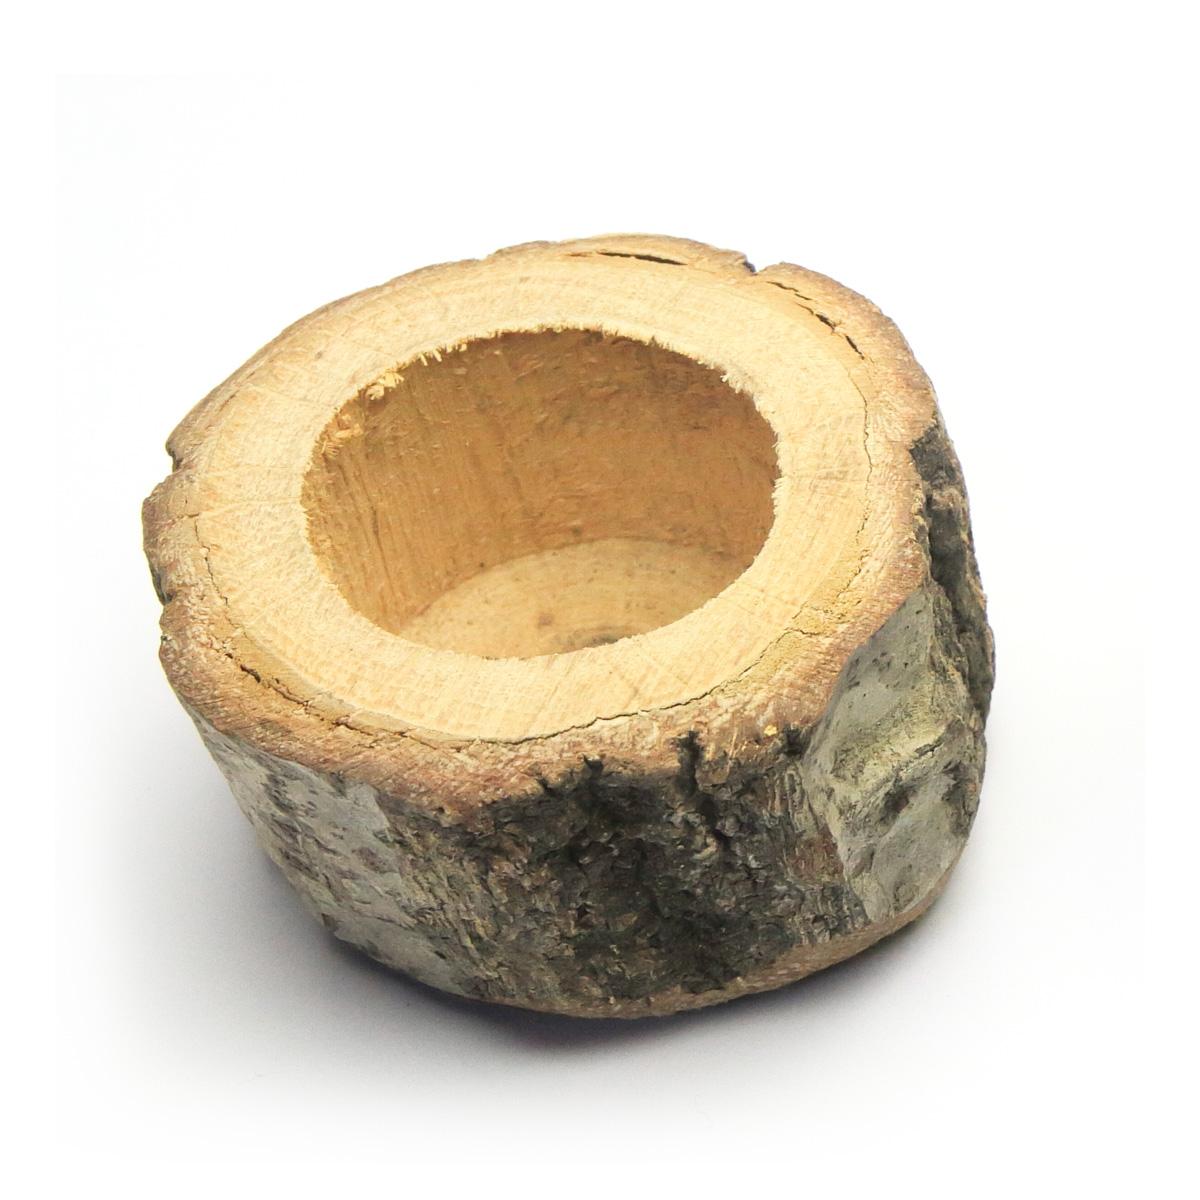 エサ台・エサ皿 18グラム用1穴木製 販売